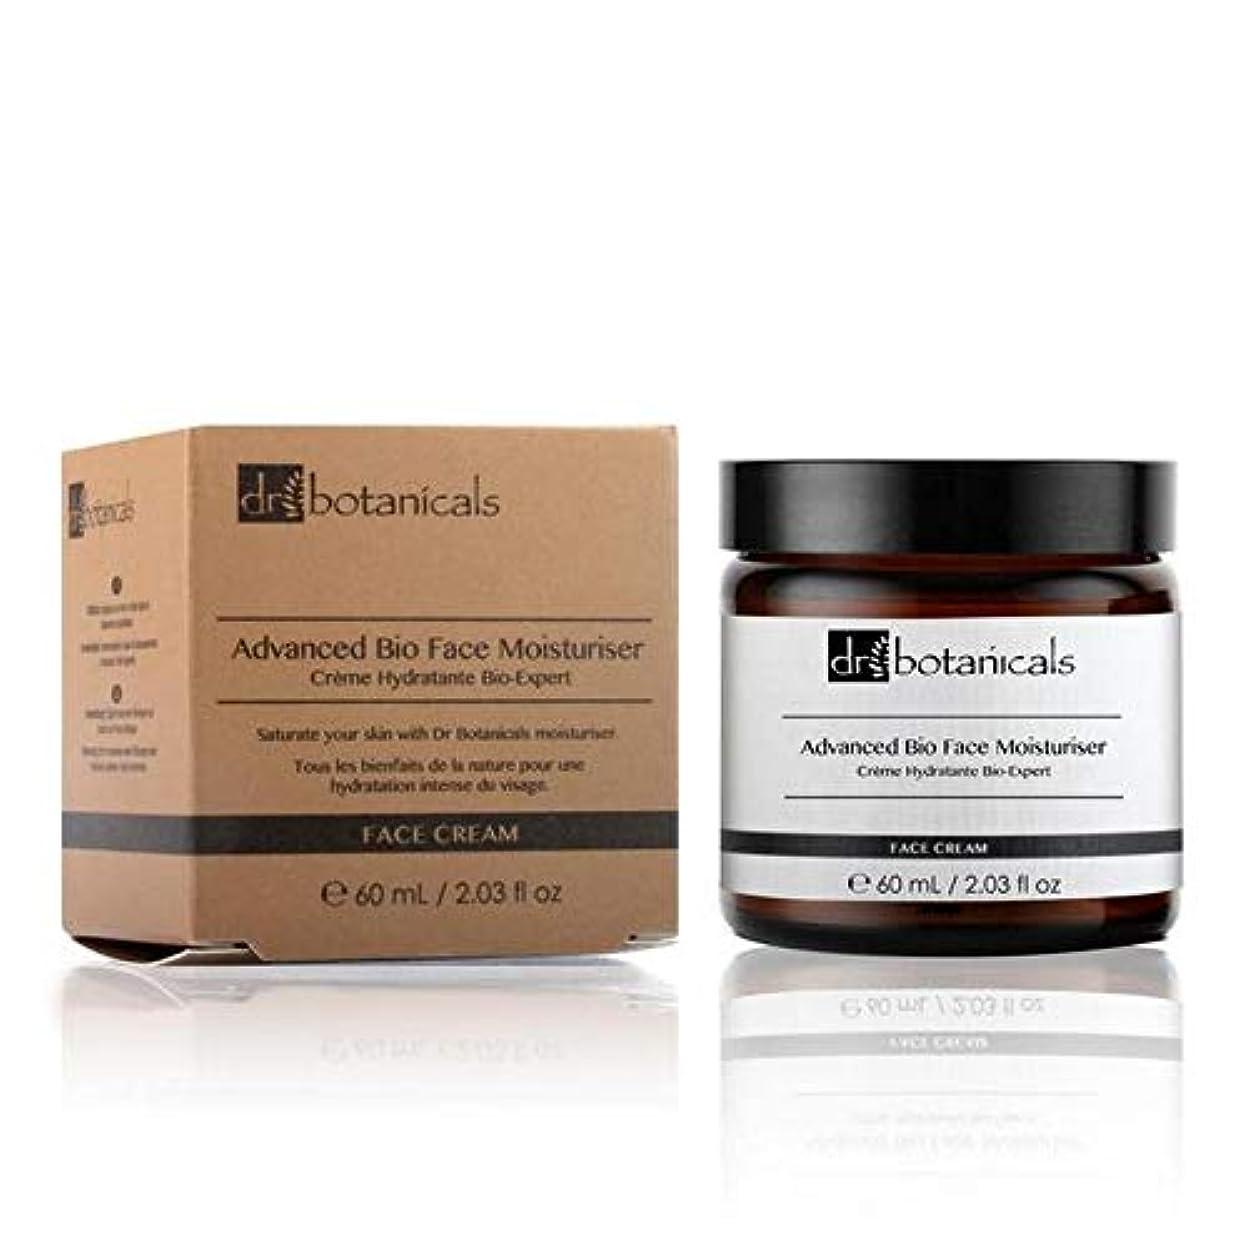 供給はず日付[Dr Botanicals] Drの植物高度なバイオ顔の保湿剤の60ミリリットル - Dr Botanicals Advanced Bio Face Moisturiser 60ml [並行輸入品]